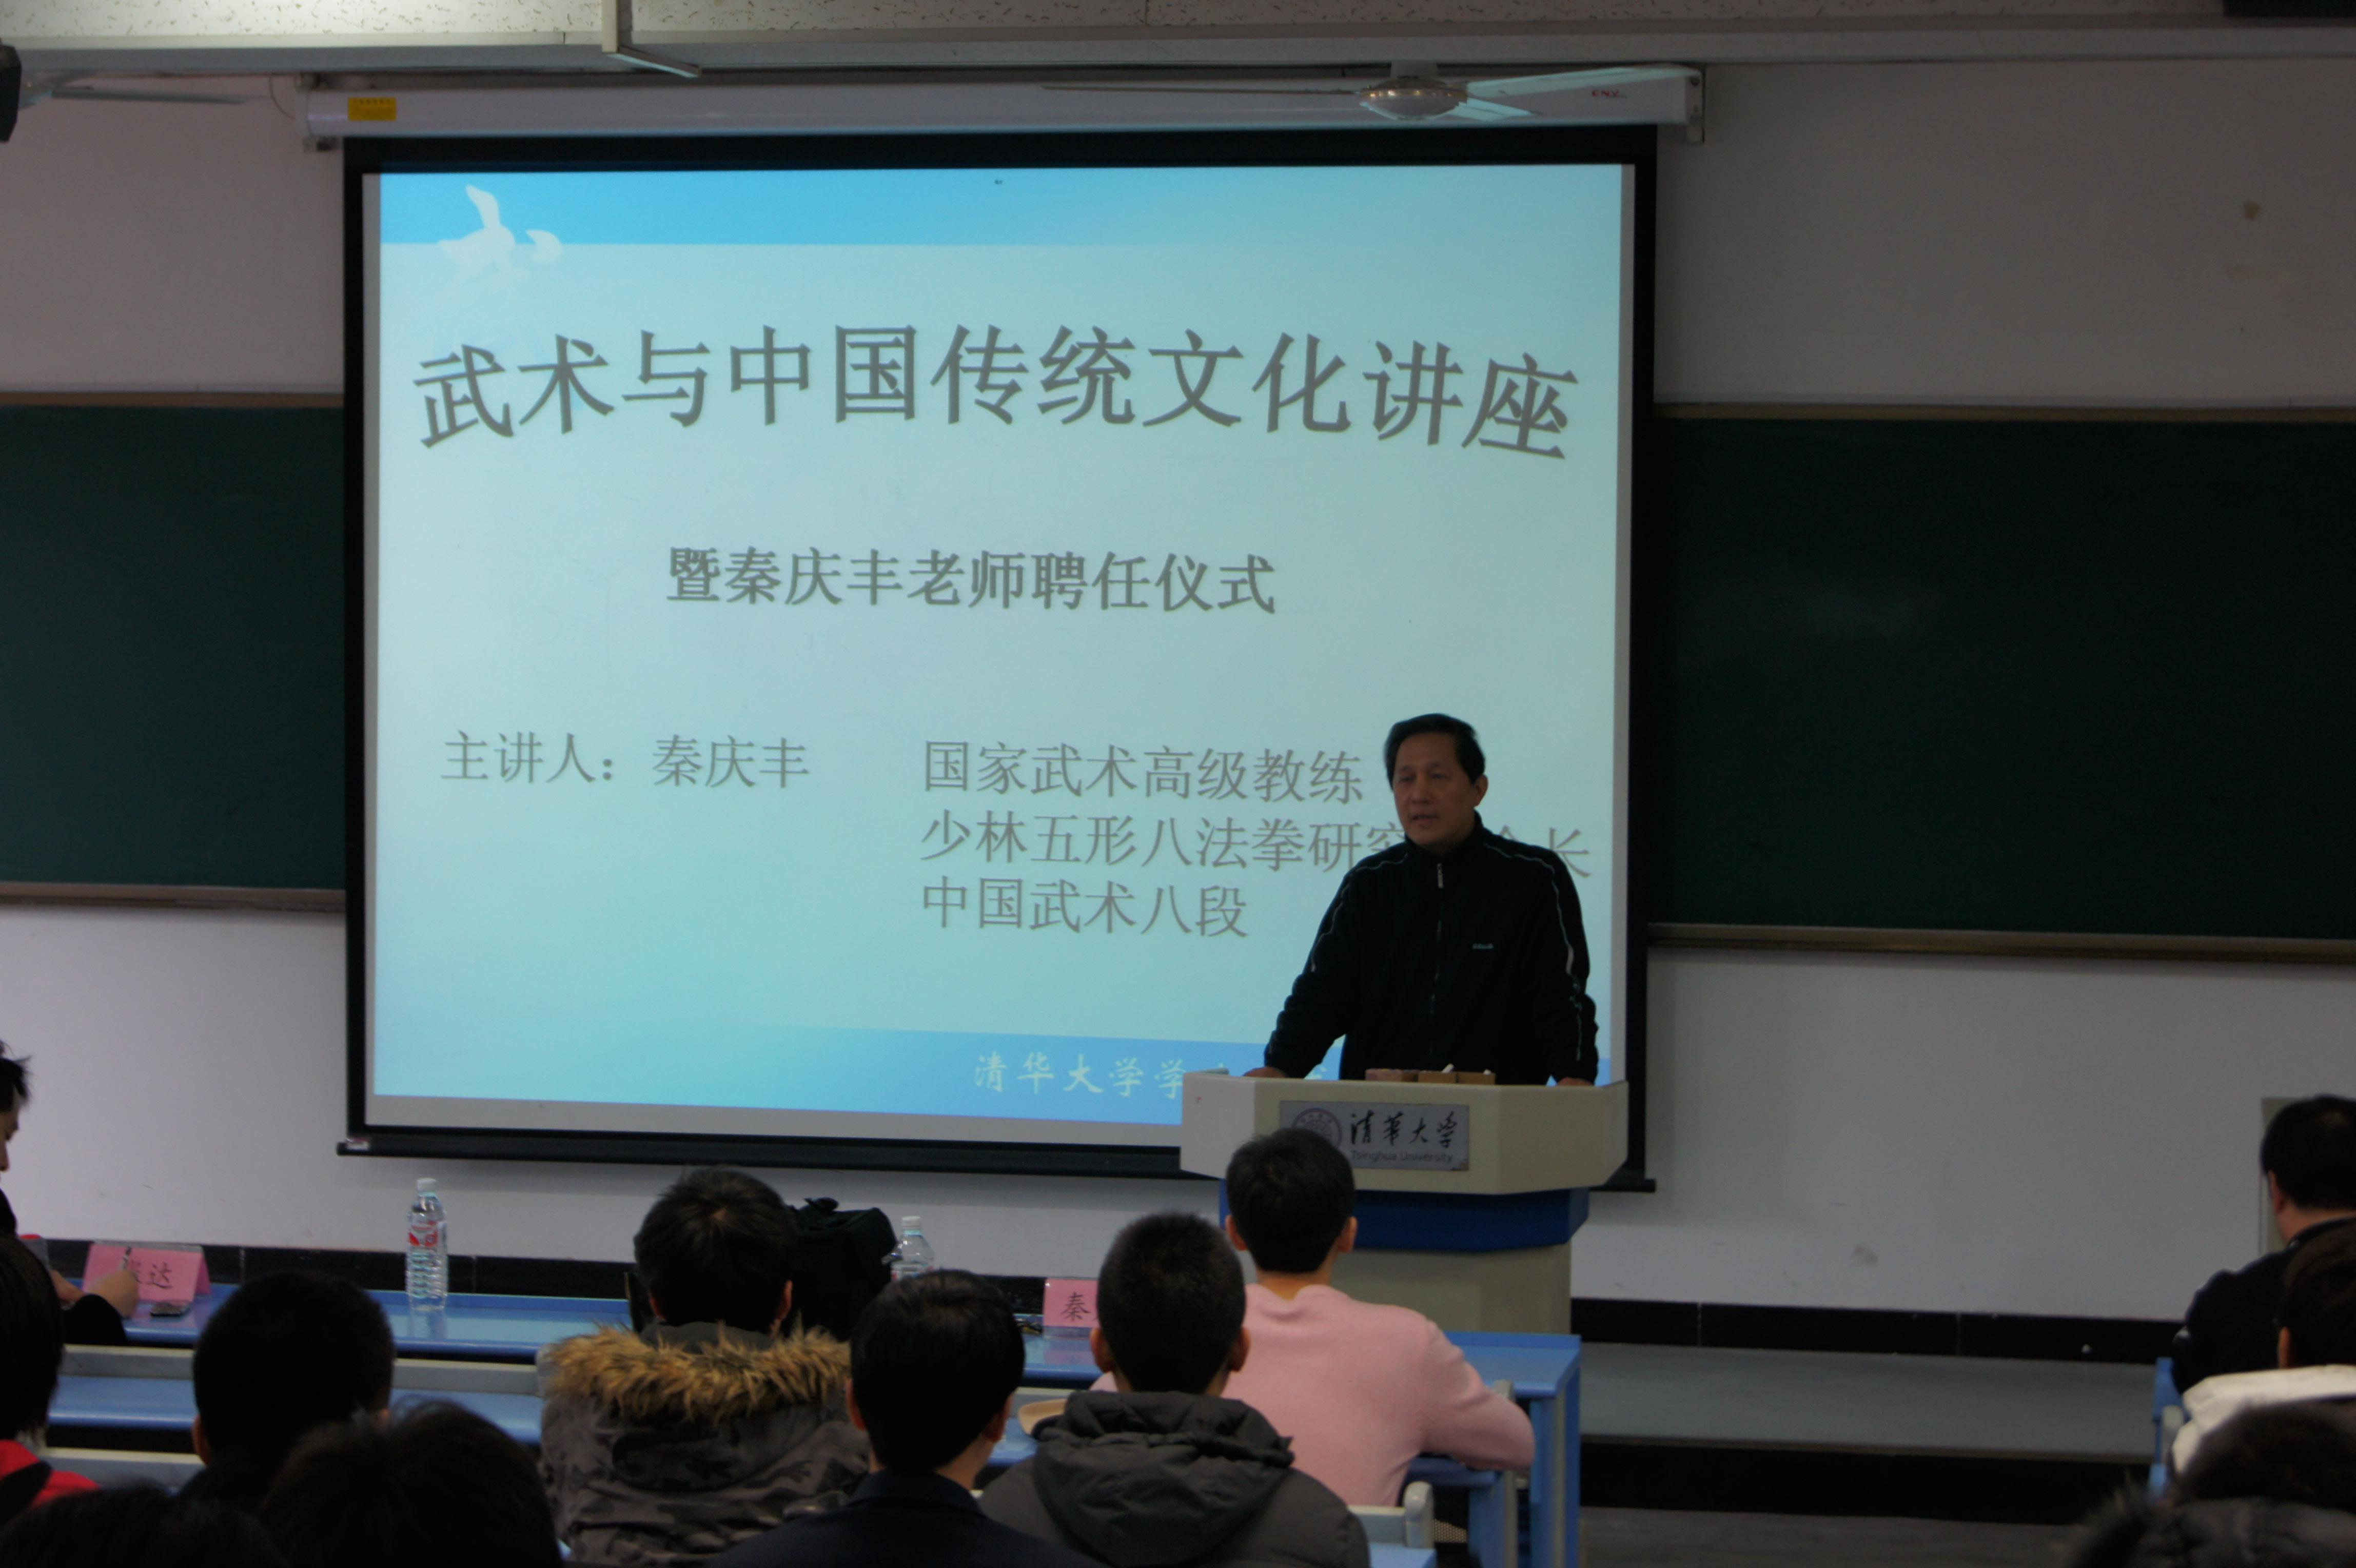 清华大学讲师电子电路从入门到精通视频教程12讲